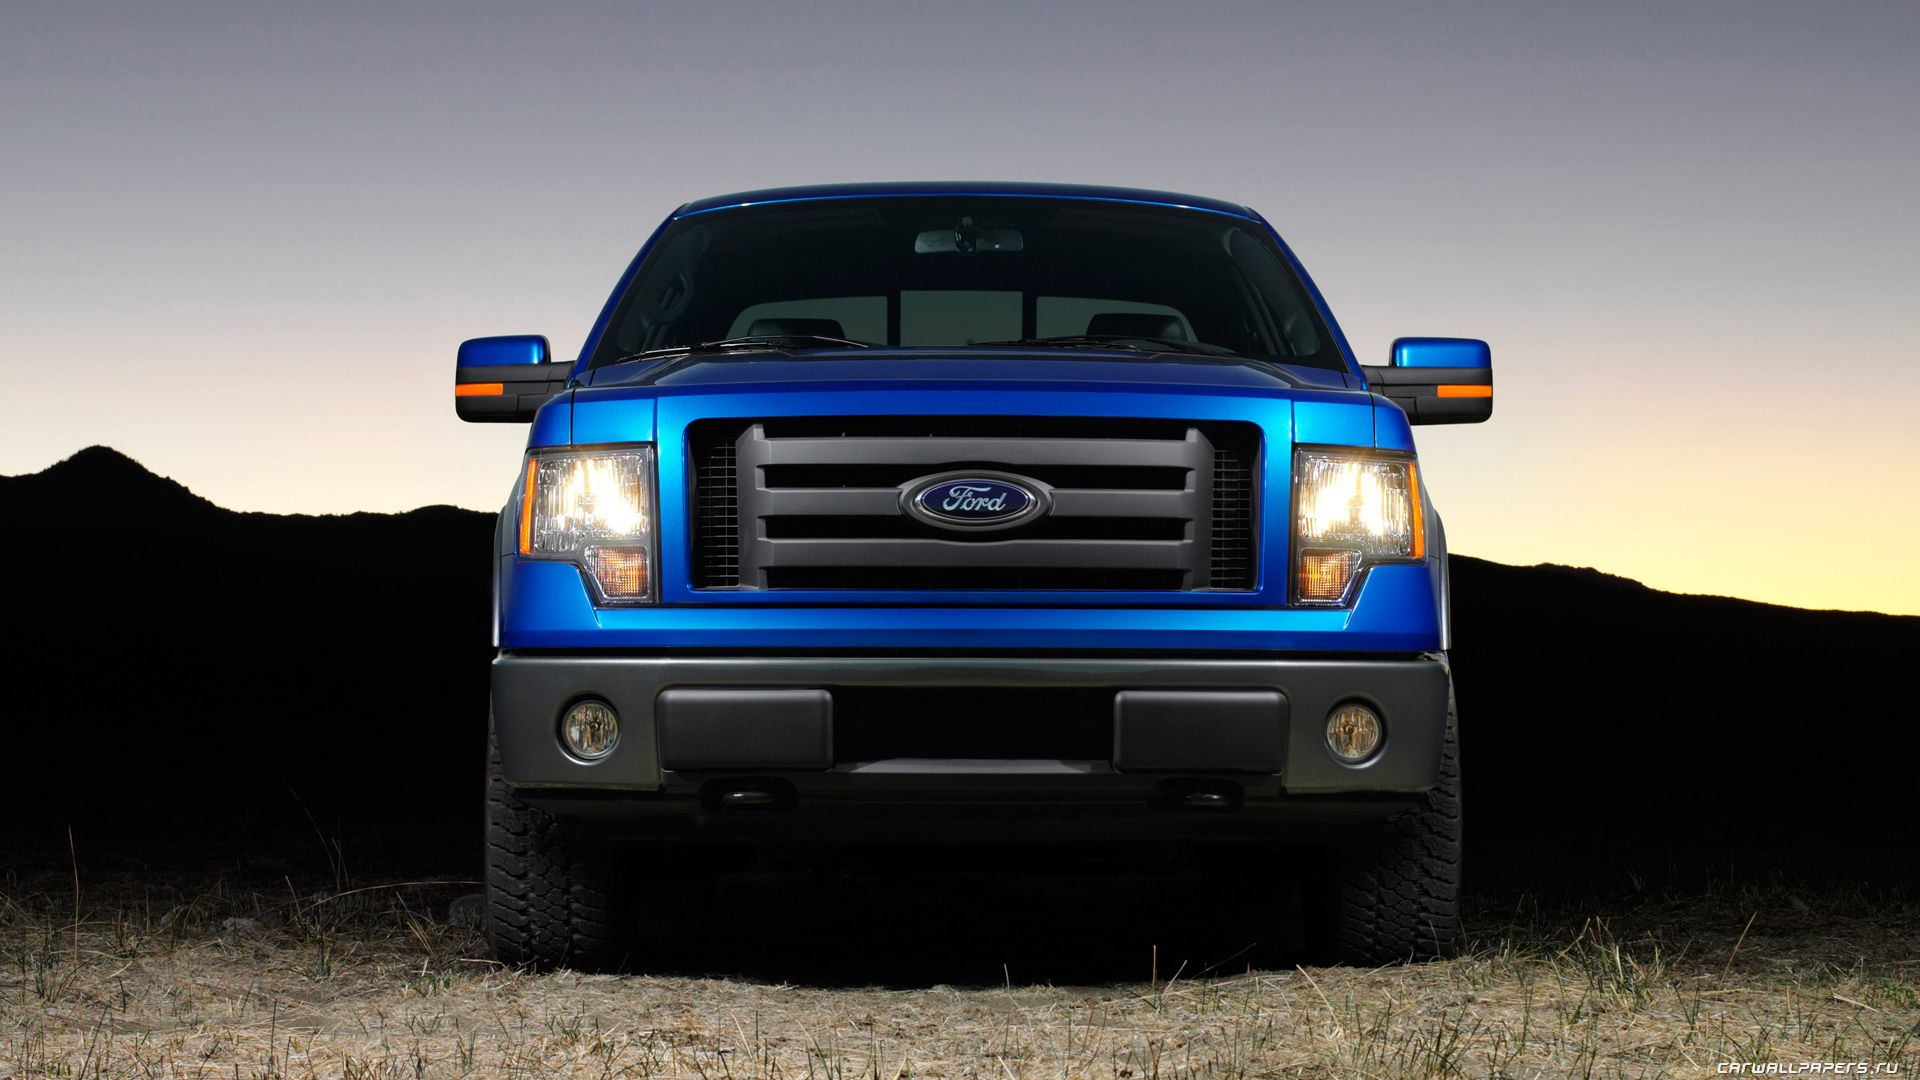 Ford F150 hd desktop